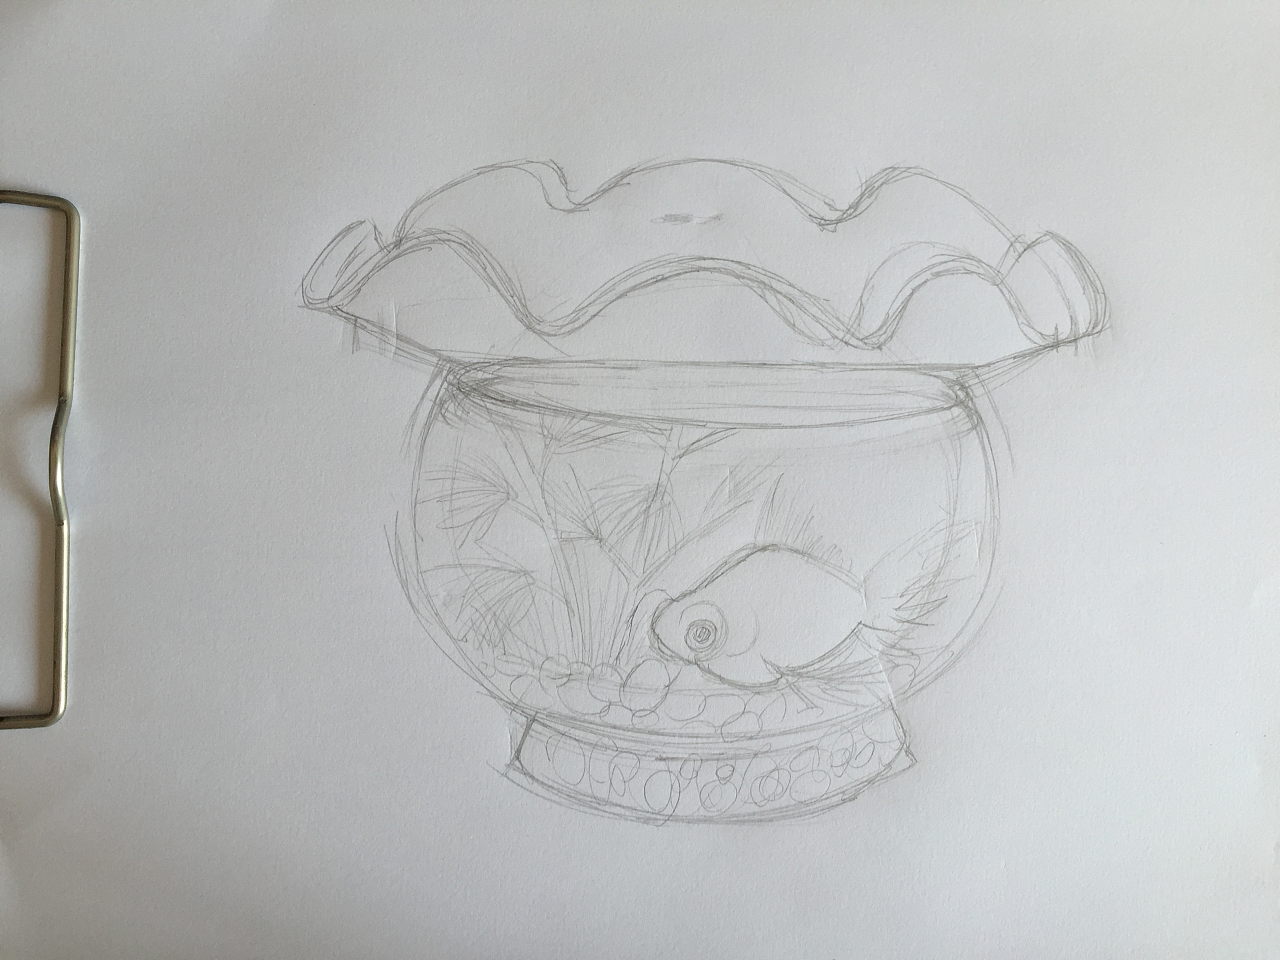 鱼缸背景图手绘